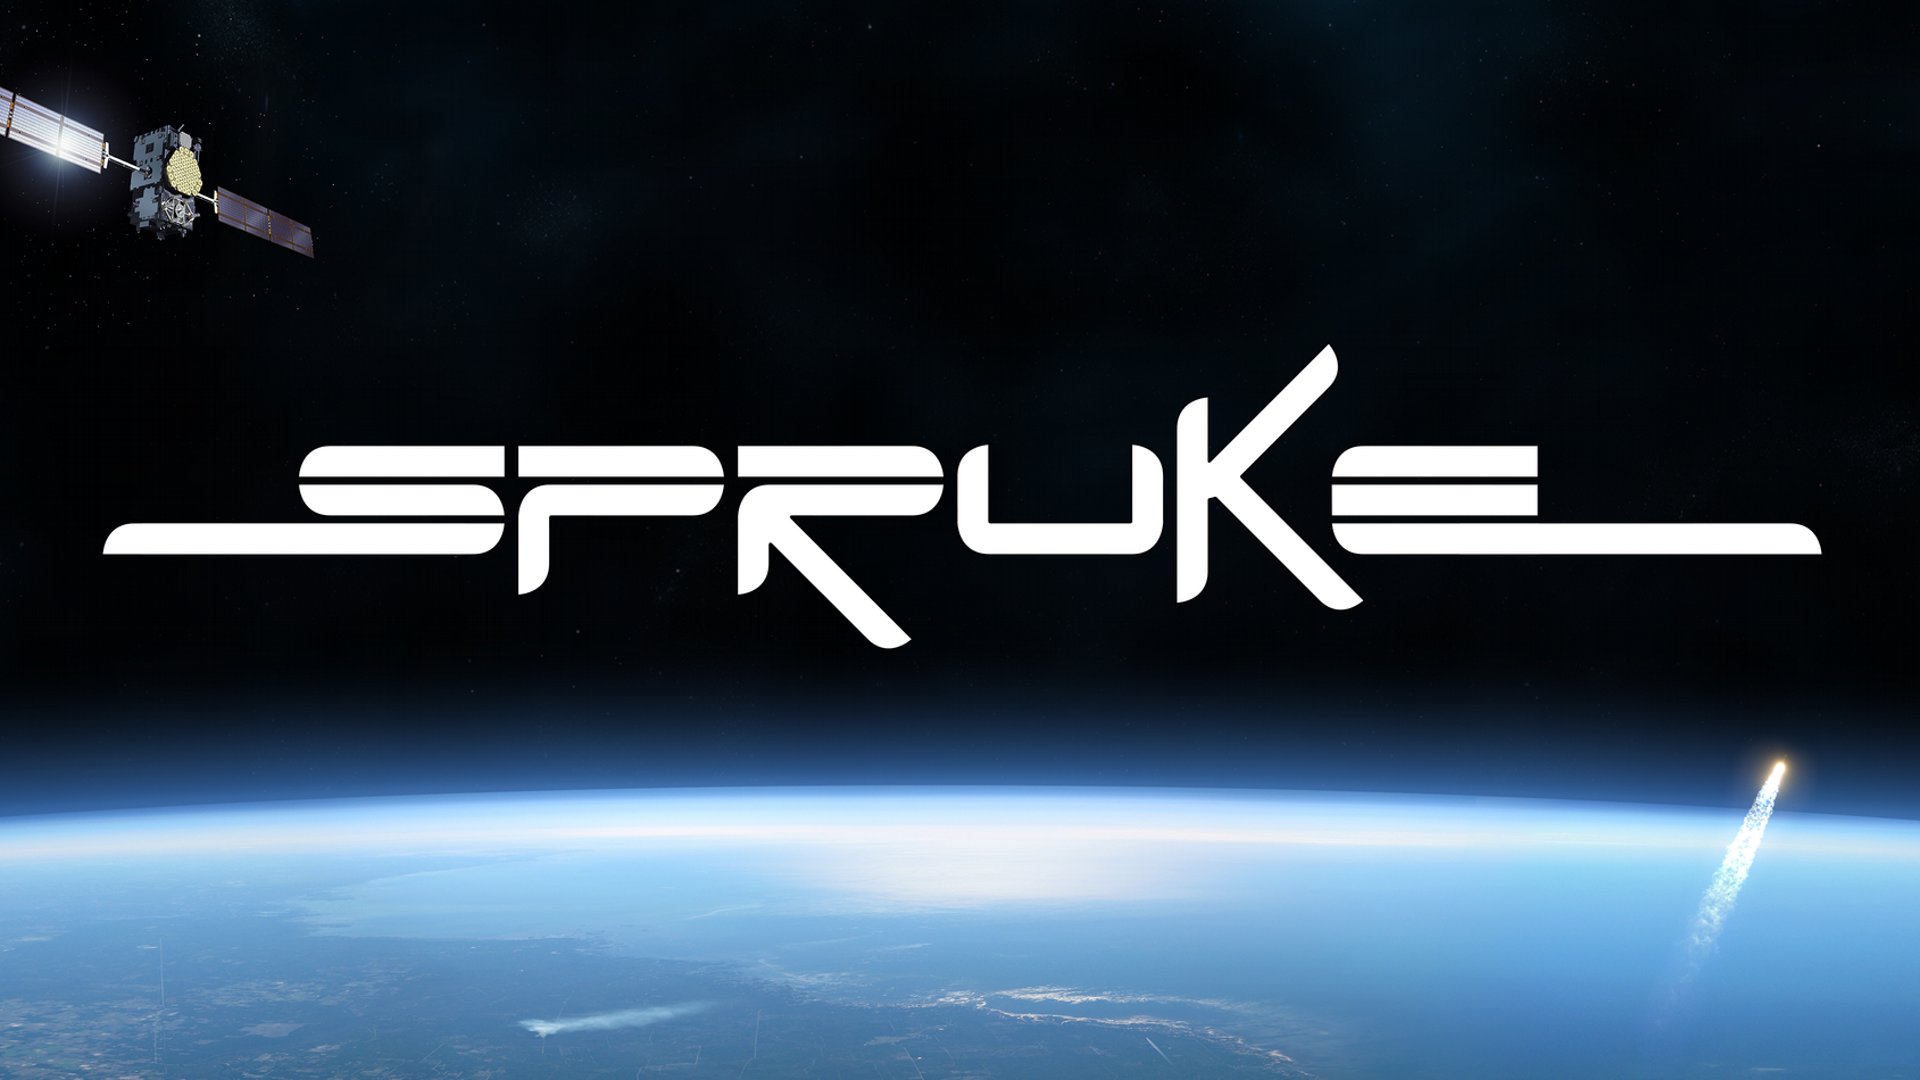 spruke-channel_offline_image-fee13b69ff43b363-1920x1080